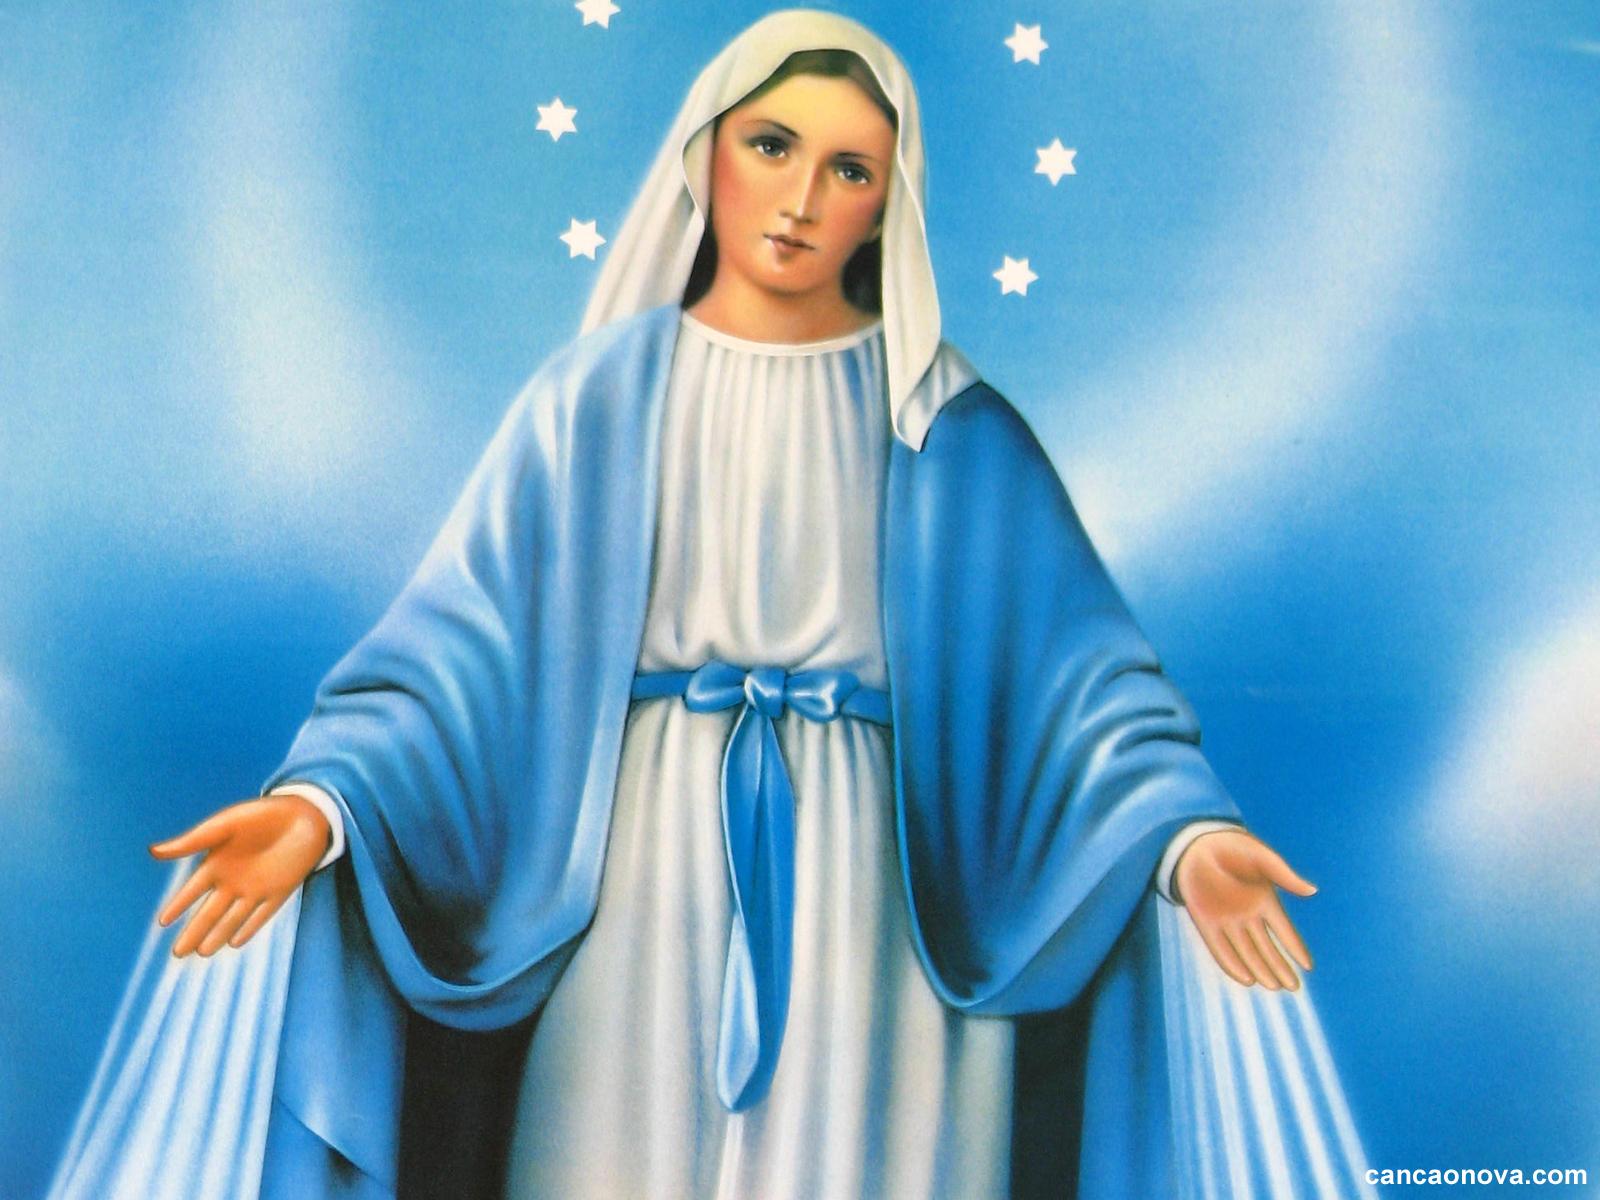 Nossa Senhora das Graças - 1600x1200